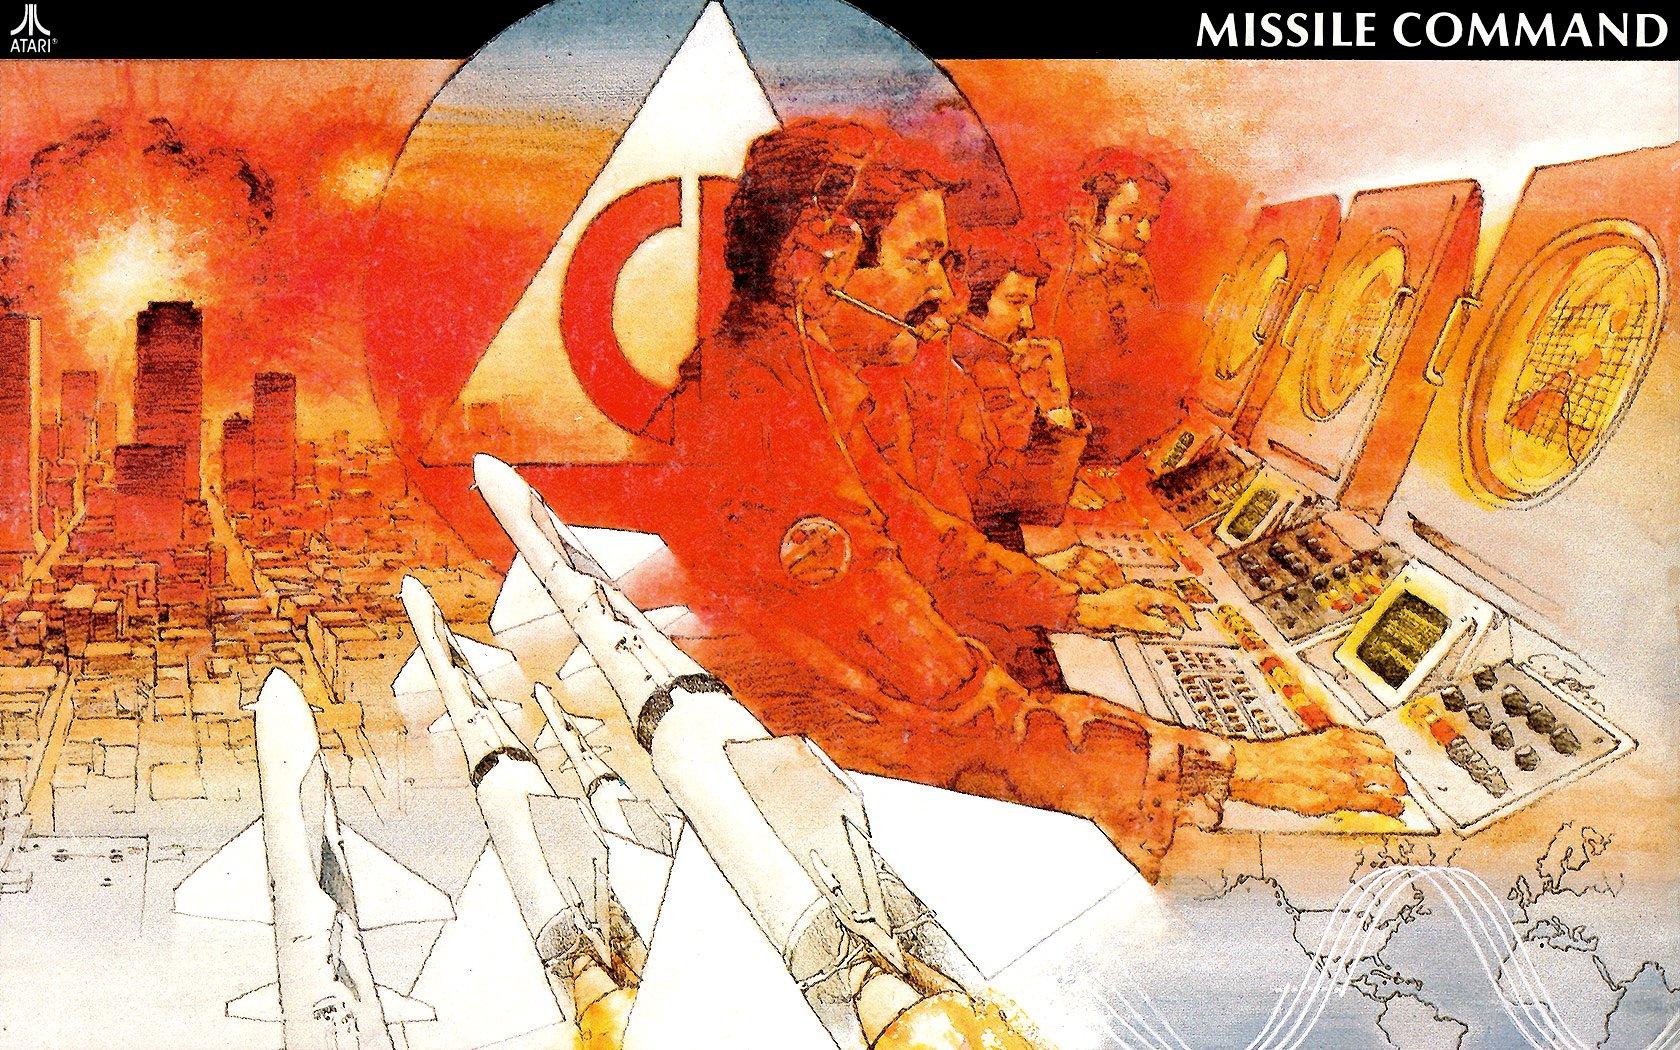 Missile Command für Atari 5200. Zerstörerische Kraft am Schaltpult der Macht (Bild: Atari)